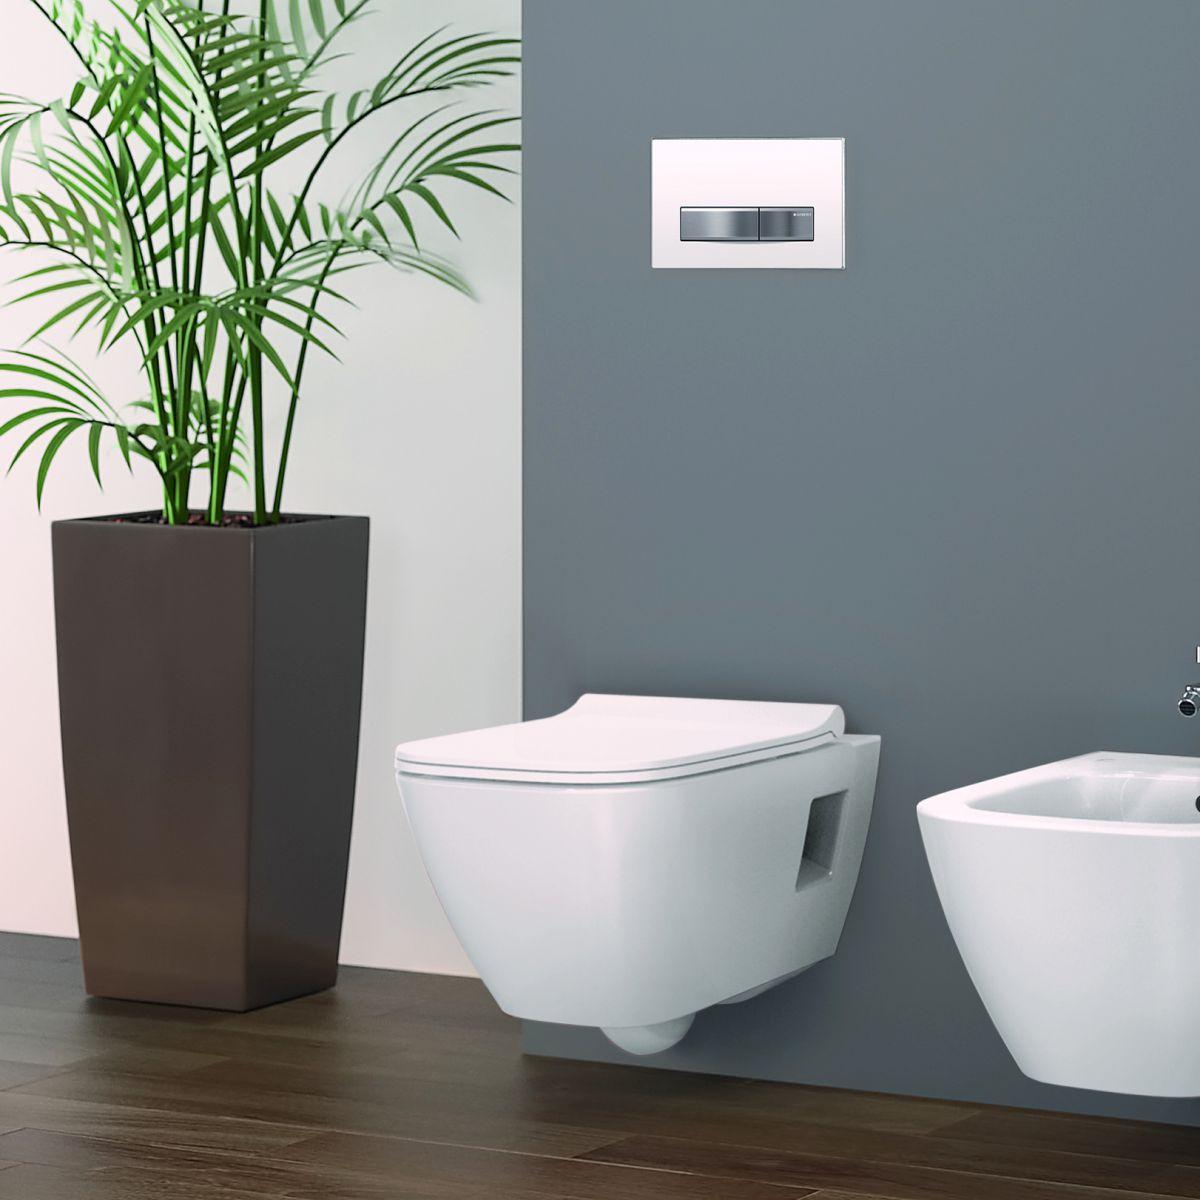 giberit geberit flush valve with giberit geberit is a. Black Bedroom Furniture Sets. Home Design Ideas